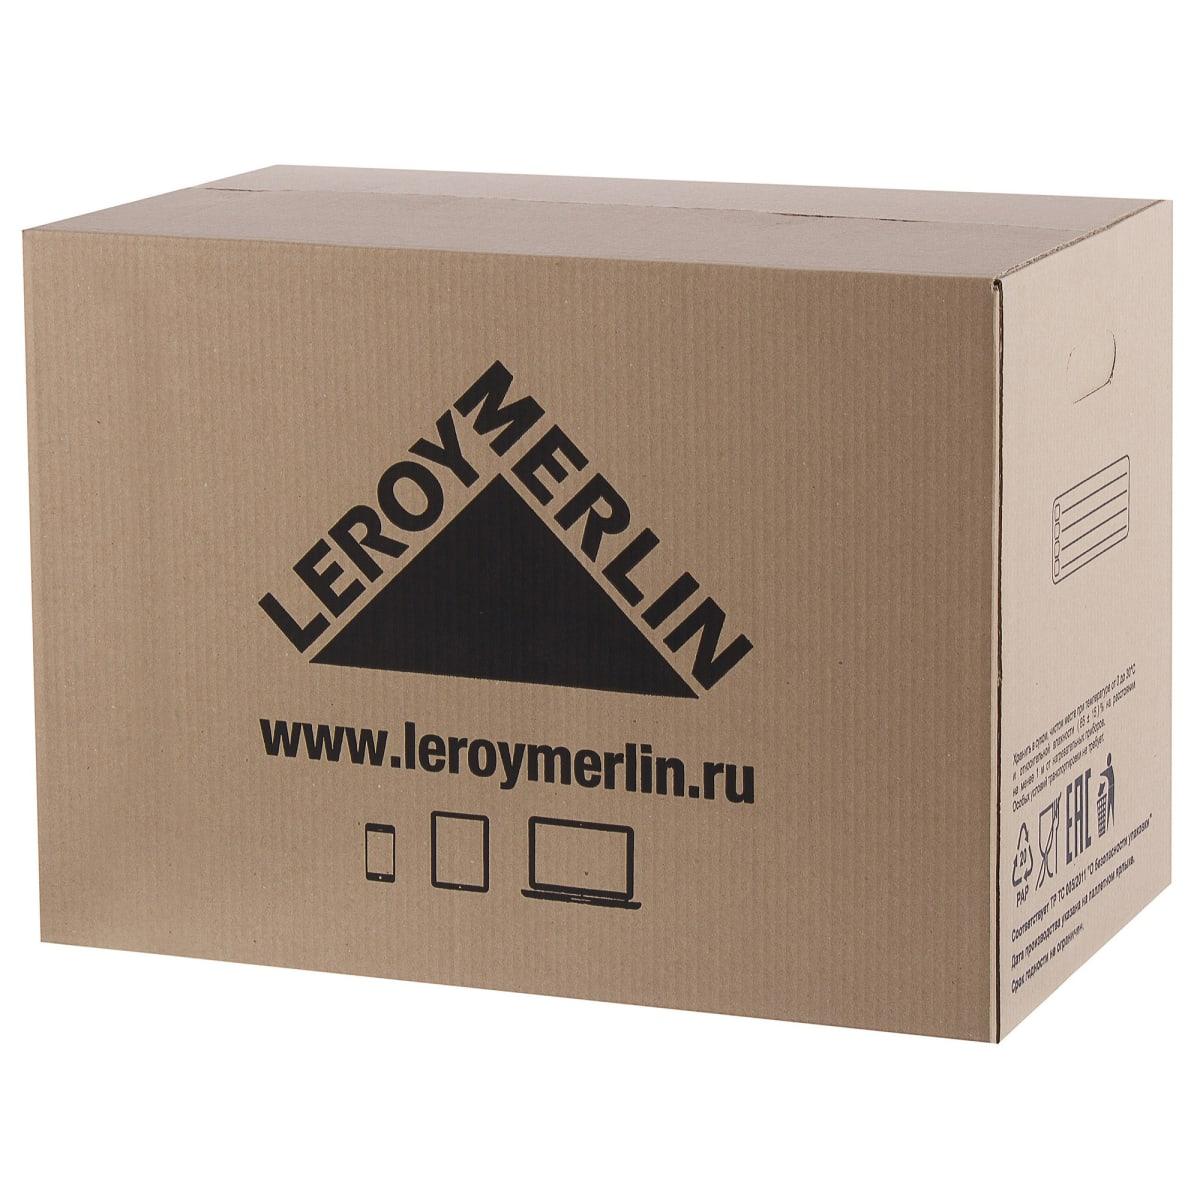 Короб для переезда 56х32х40 см, картон